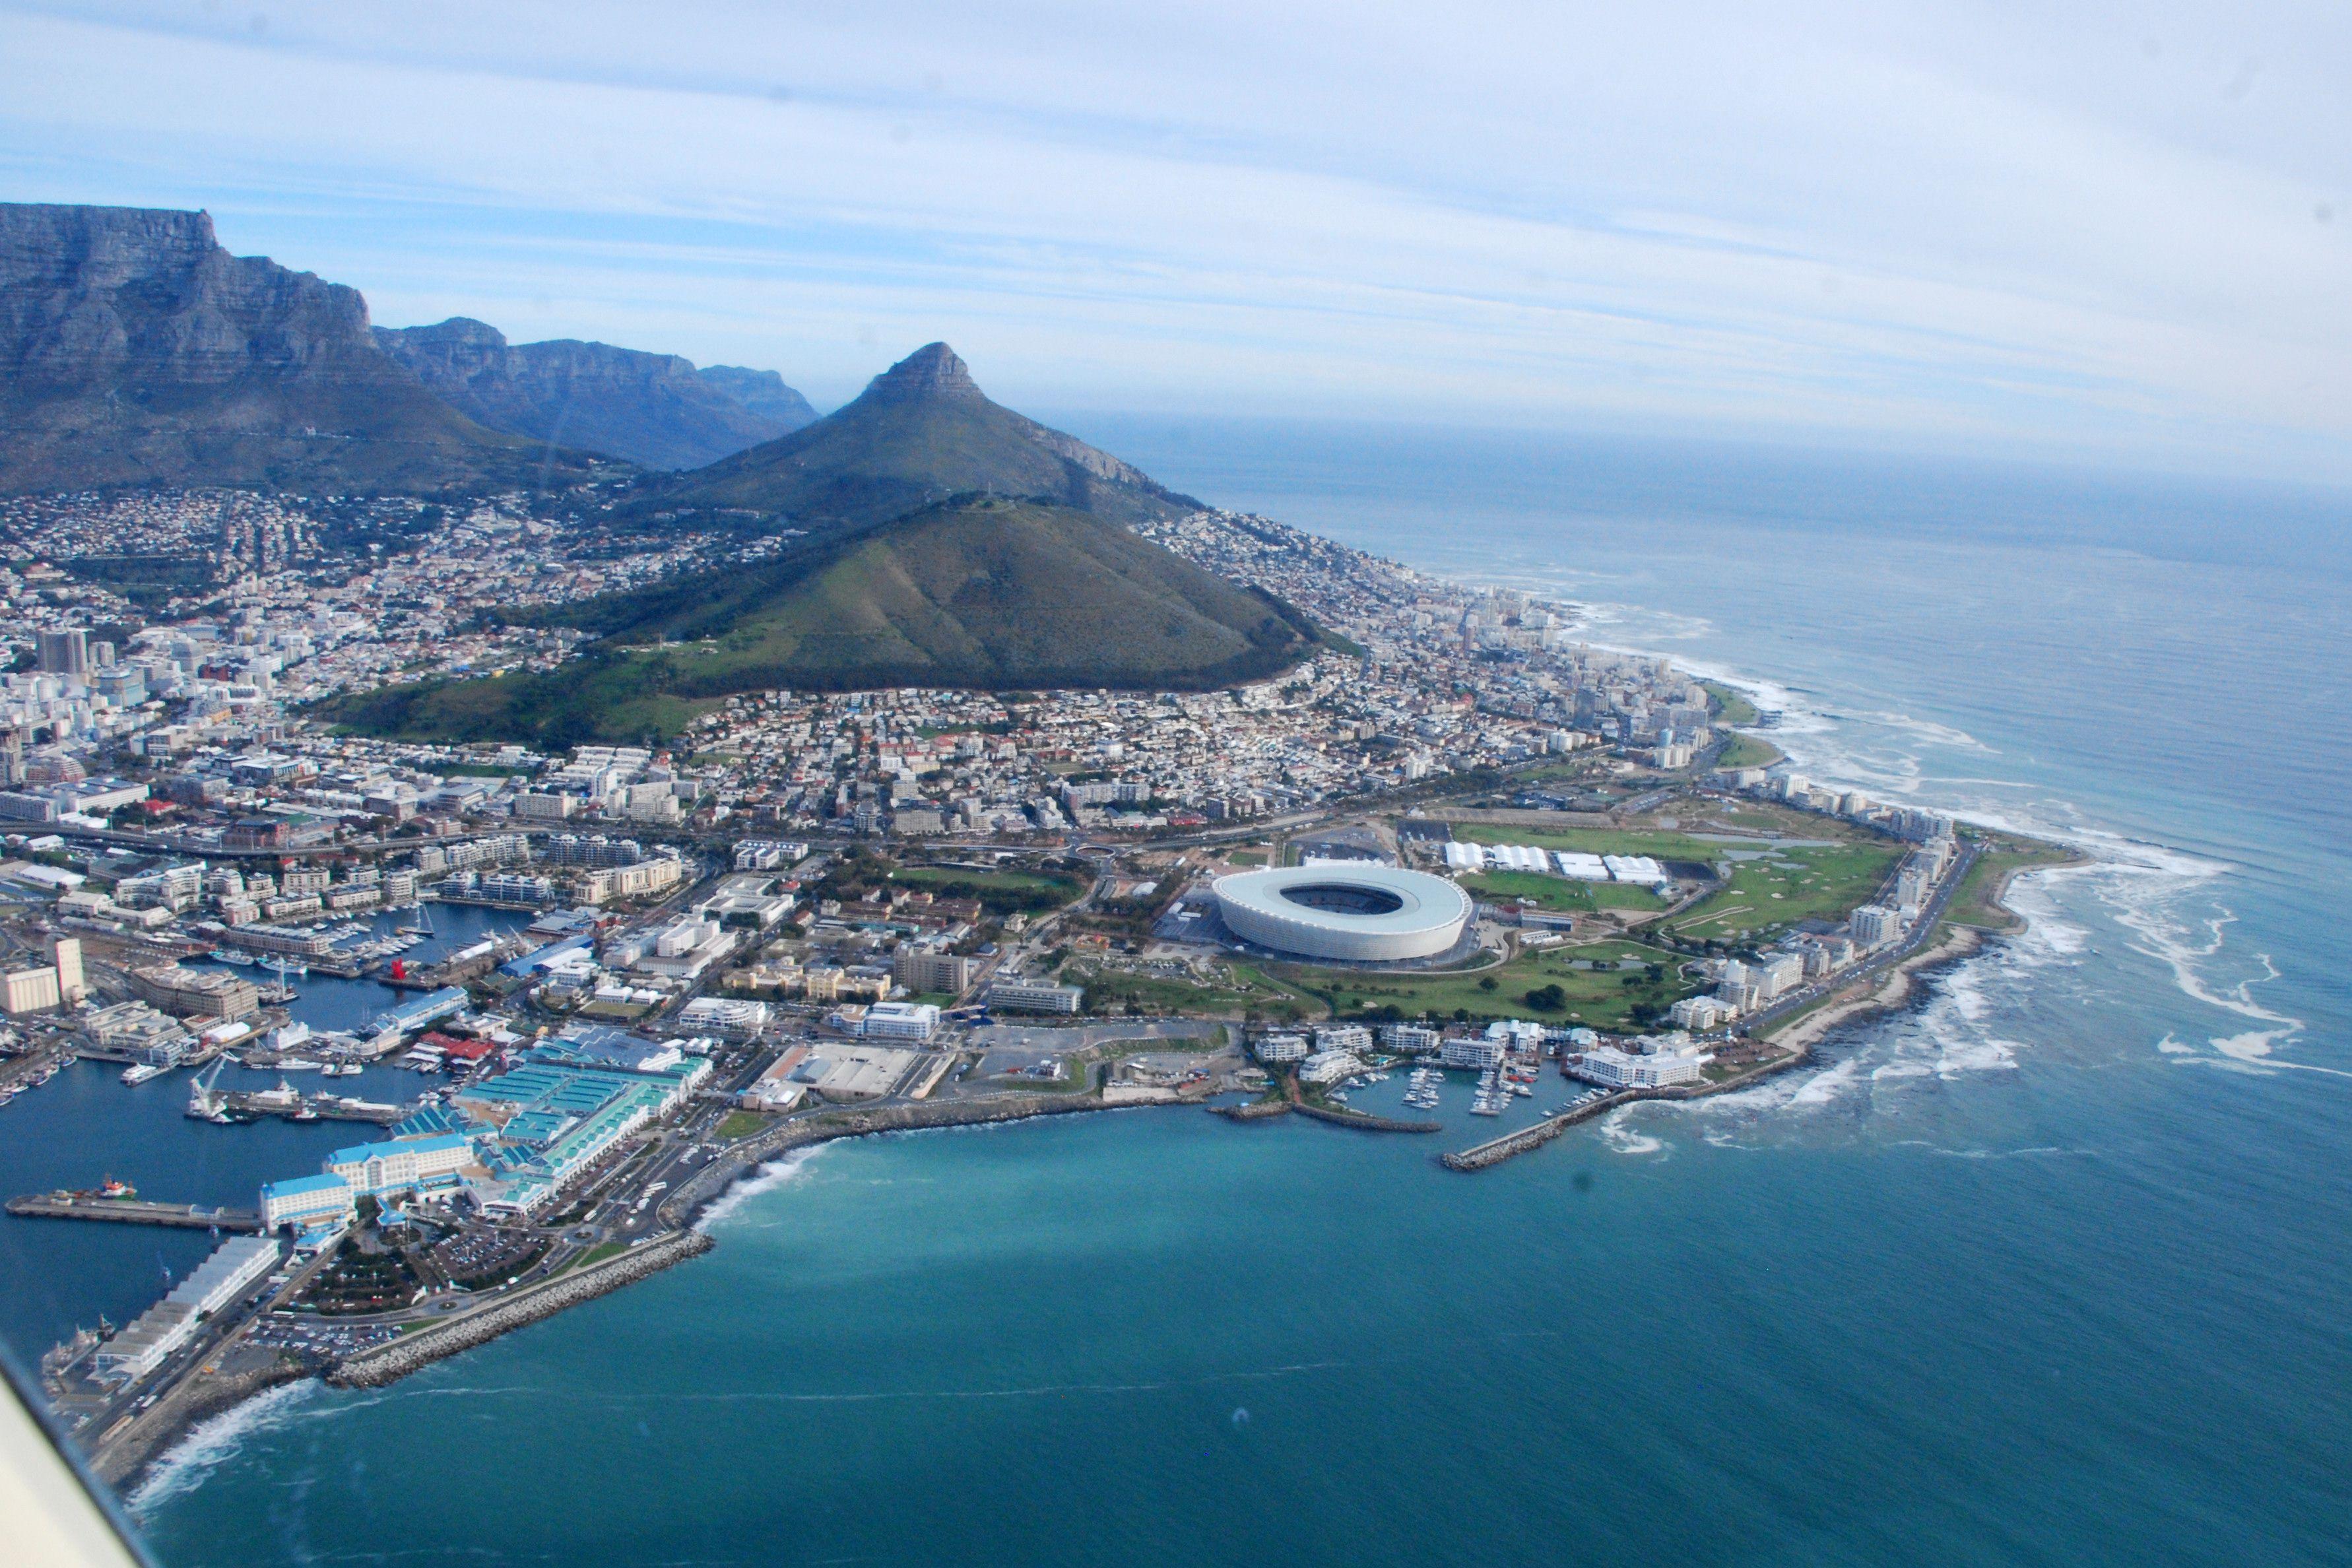 Cape Town aerial shot